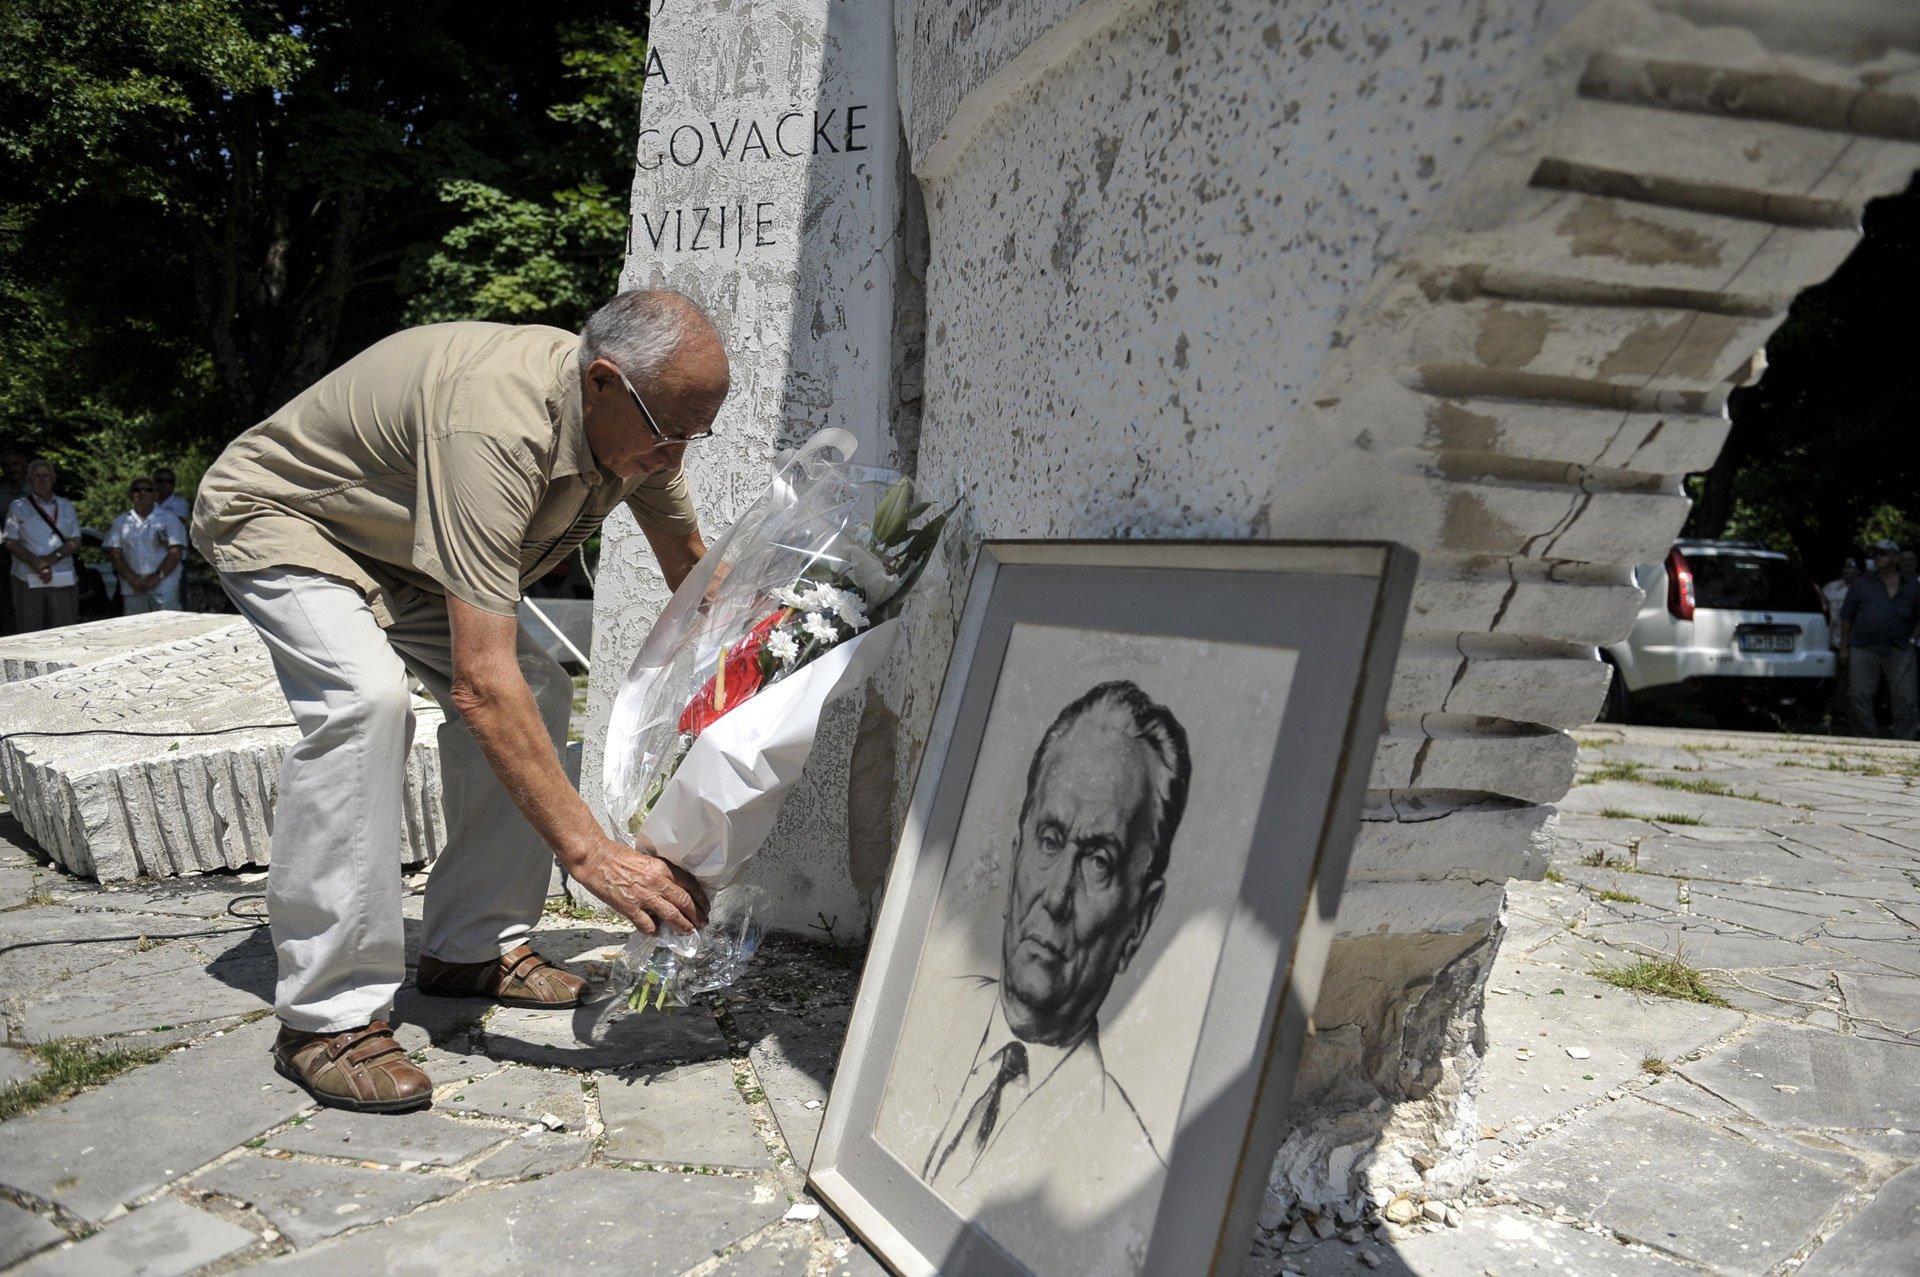 http://hrvatskifokus-2021.ga/wp-content/uploads/2016/06/55b5fc8b7f27e0.48298161_na-ivan-sedlu-svecano-obiljezen-dan-ustanka-naroda-bih-fasizam-nazalost-jos-nije-pobijedjen_1437828083.jpg